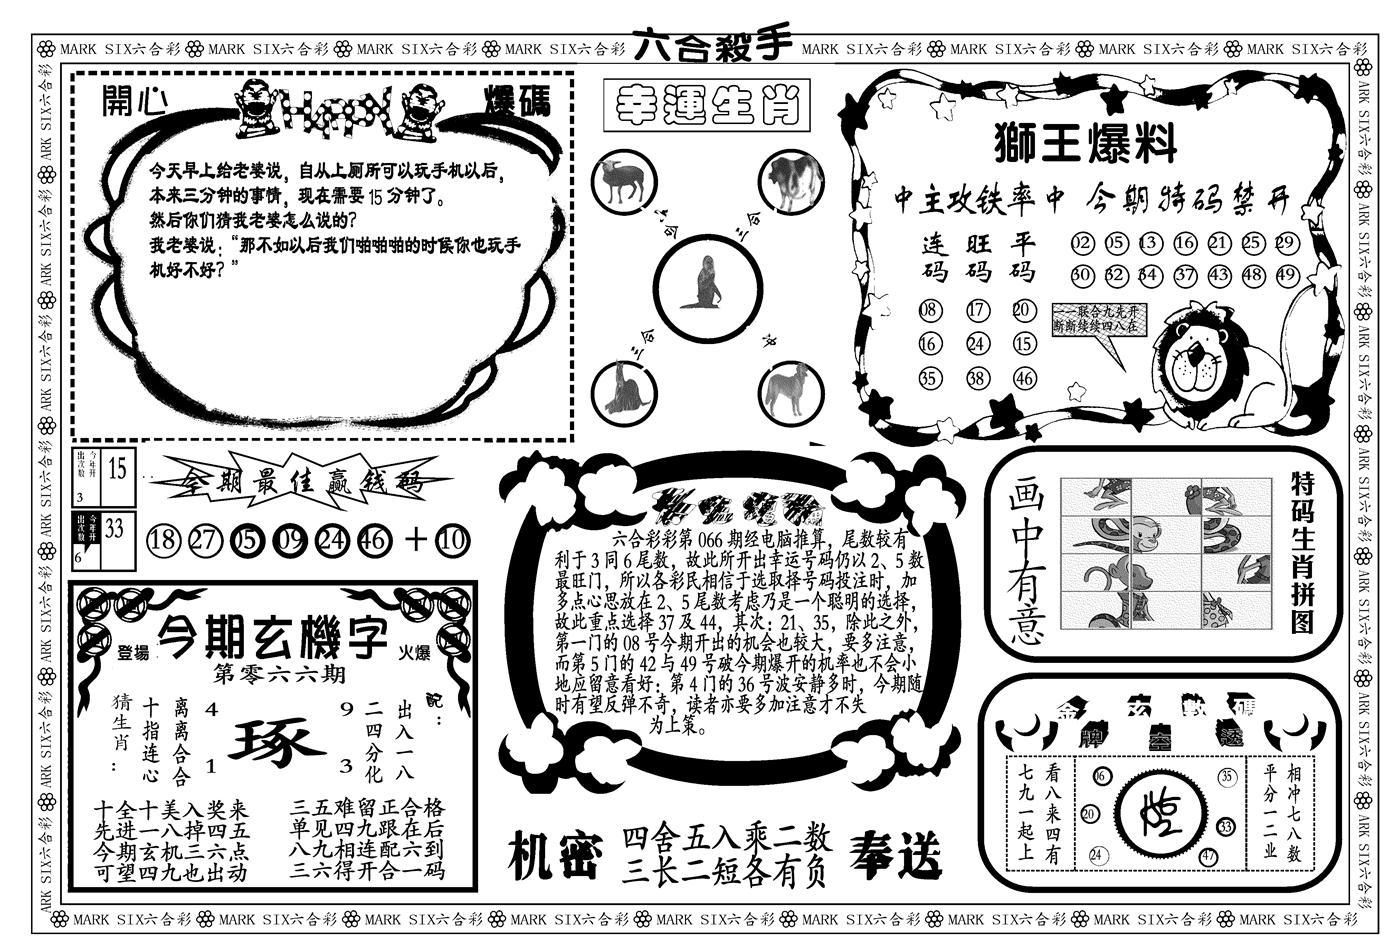 066期新六合杀手B(黑白)